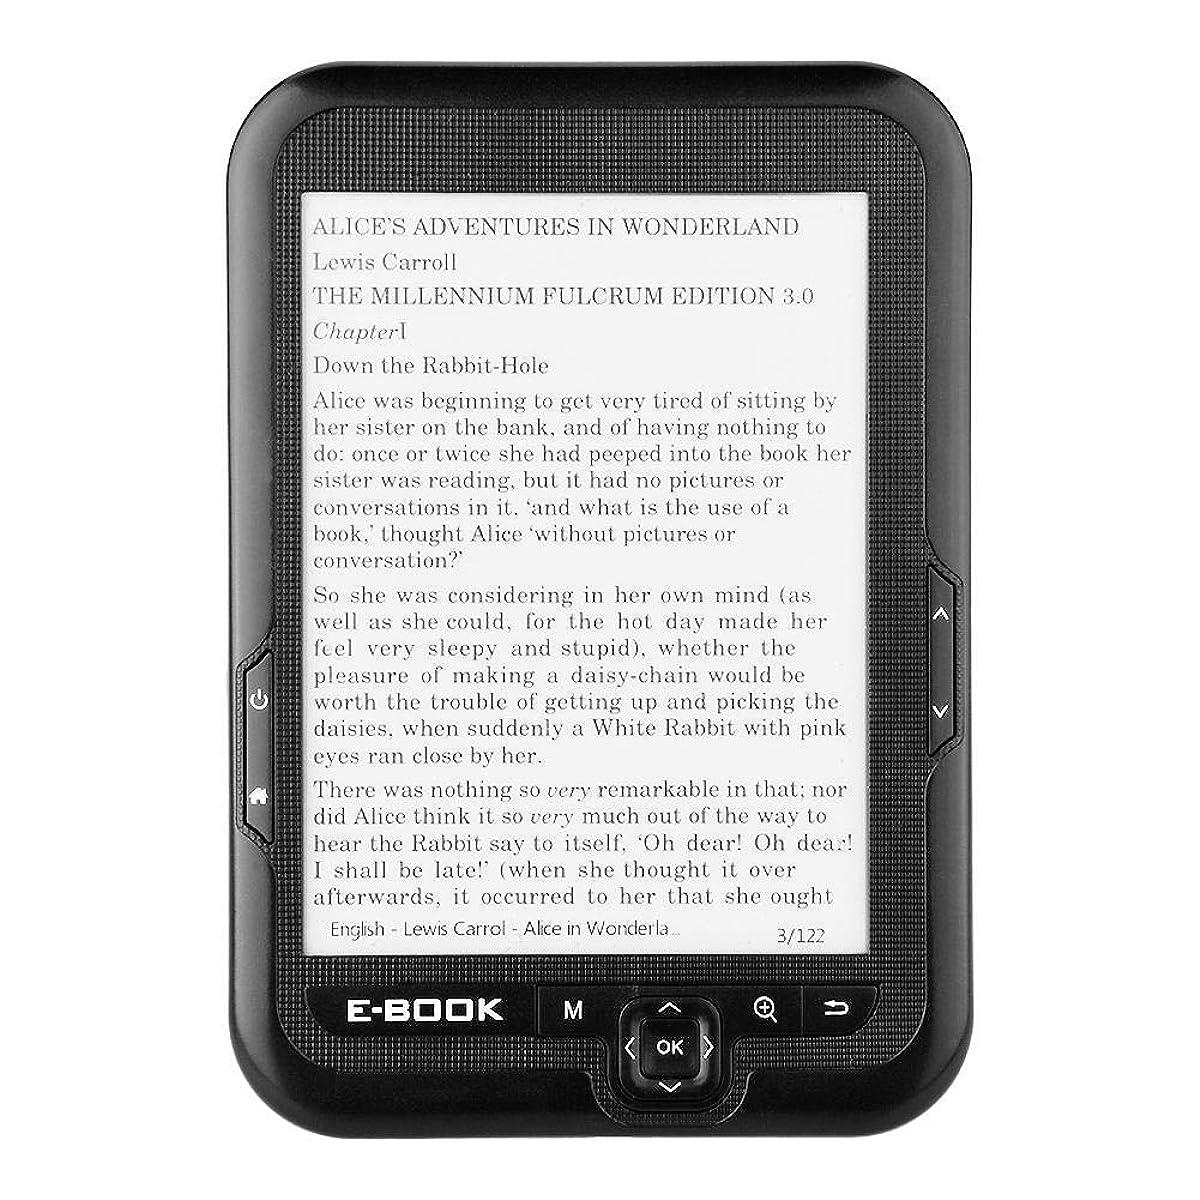 タクト一般敗北Kindle Paperwhite (第6世代)  Wi-Fi + 3G、キャンペーン情報つきモデル